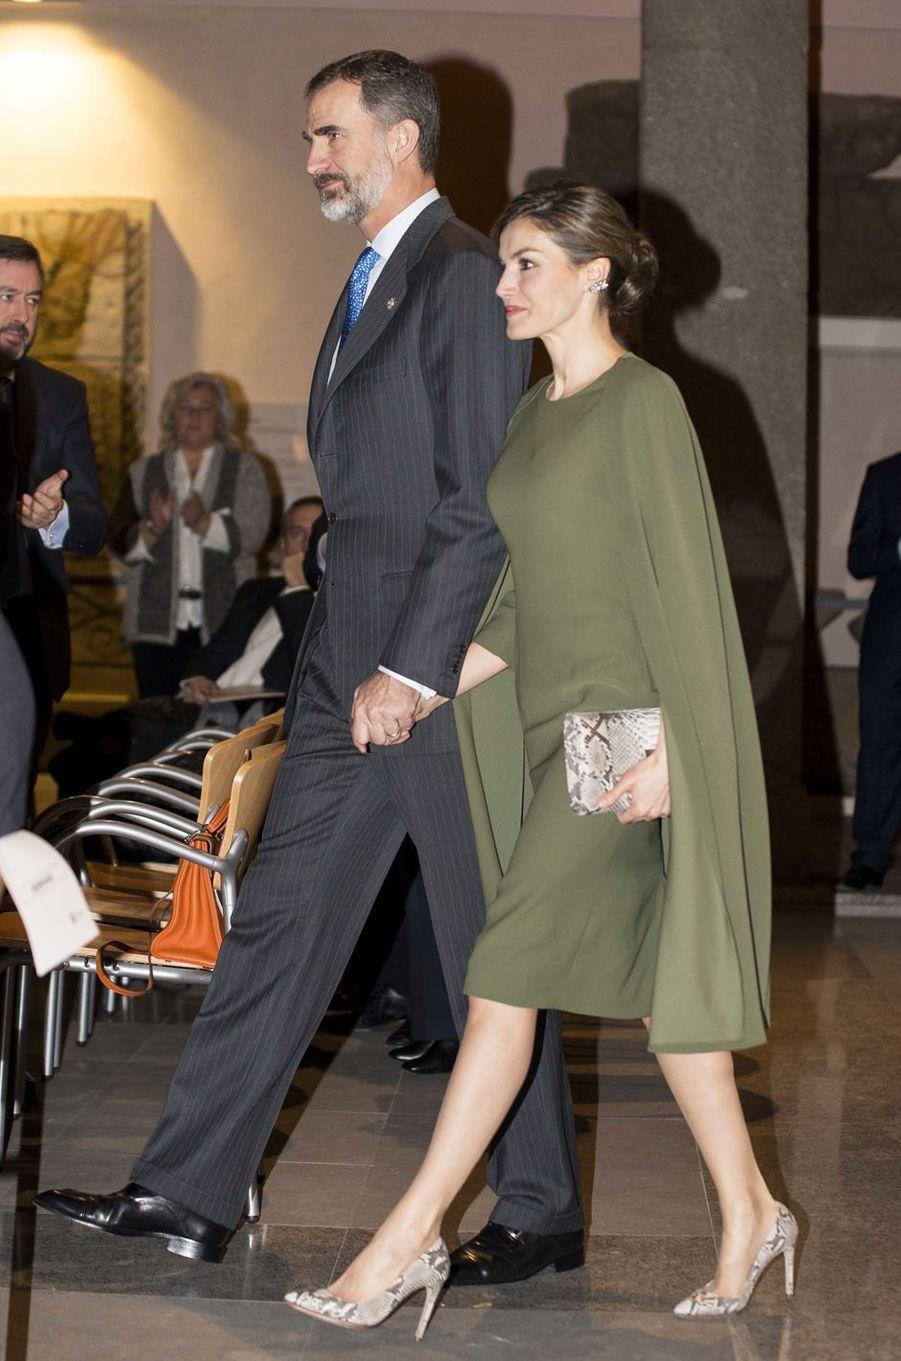 La reine Letizia, dans une robe cape minimaliste, et le roi Felipe VI d'Espagne à Alcalá de Henares, le 6 février 2017